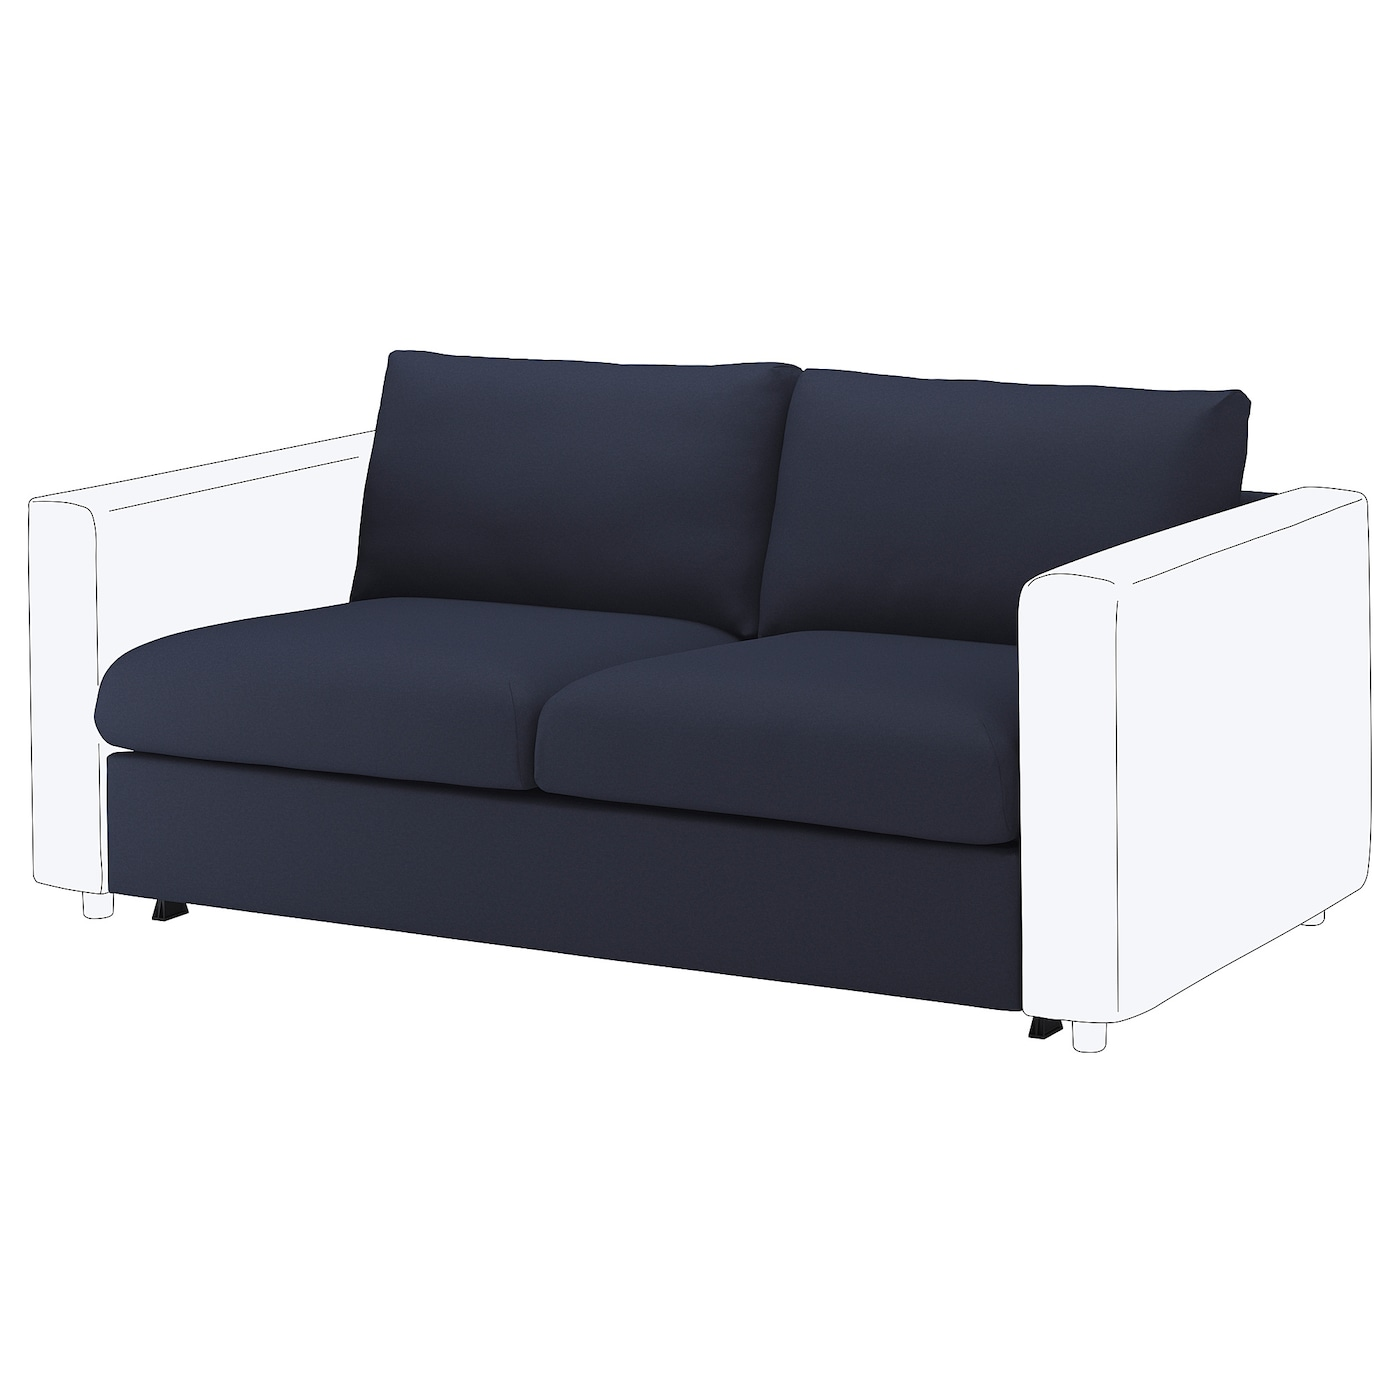 IKEA VIMLE Sekcja 2-os sofa rozkładana, Orrsta czarnoniebieski